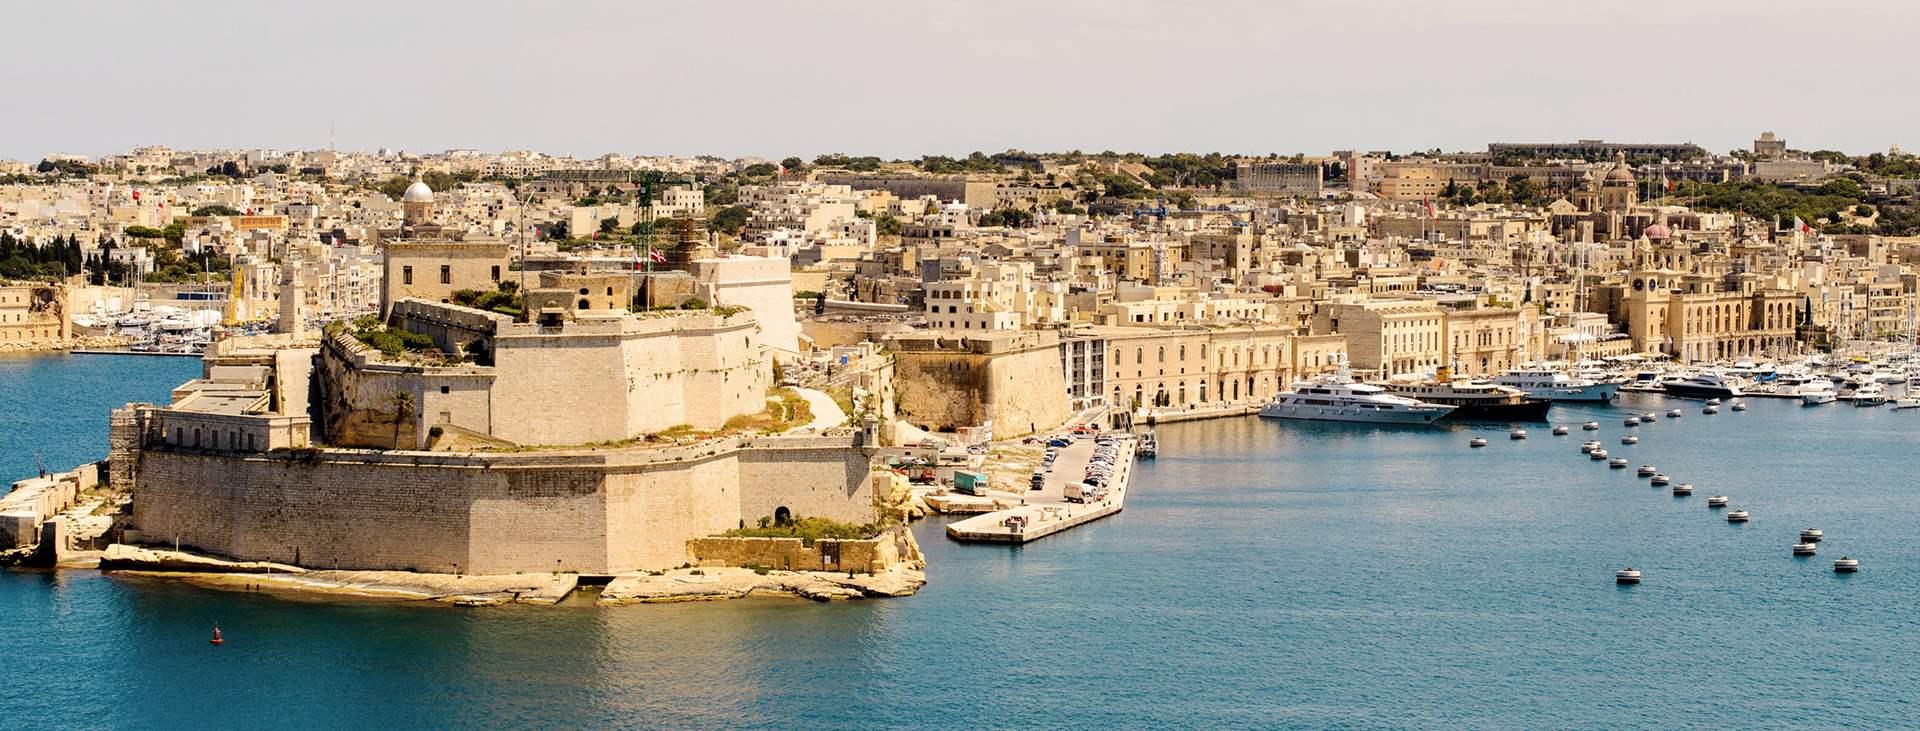 Varaa Maltan matka Tjäreborgilta - lennot+hotelli